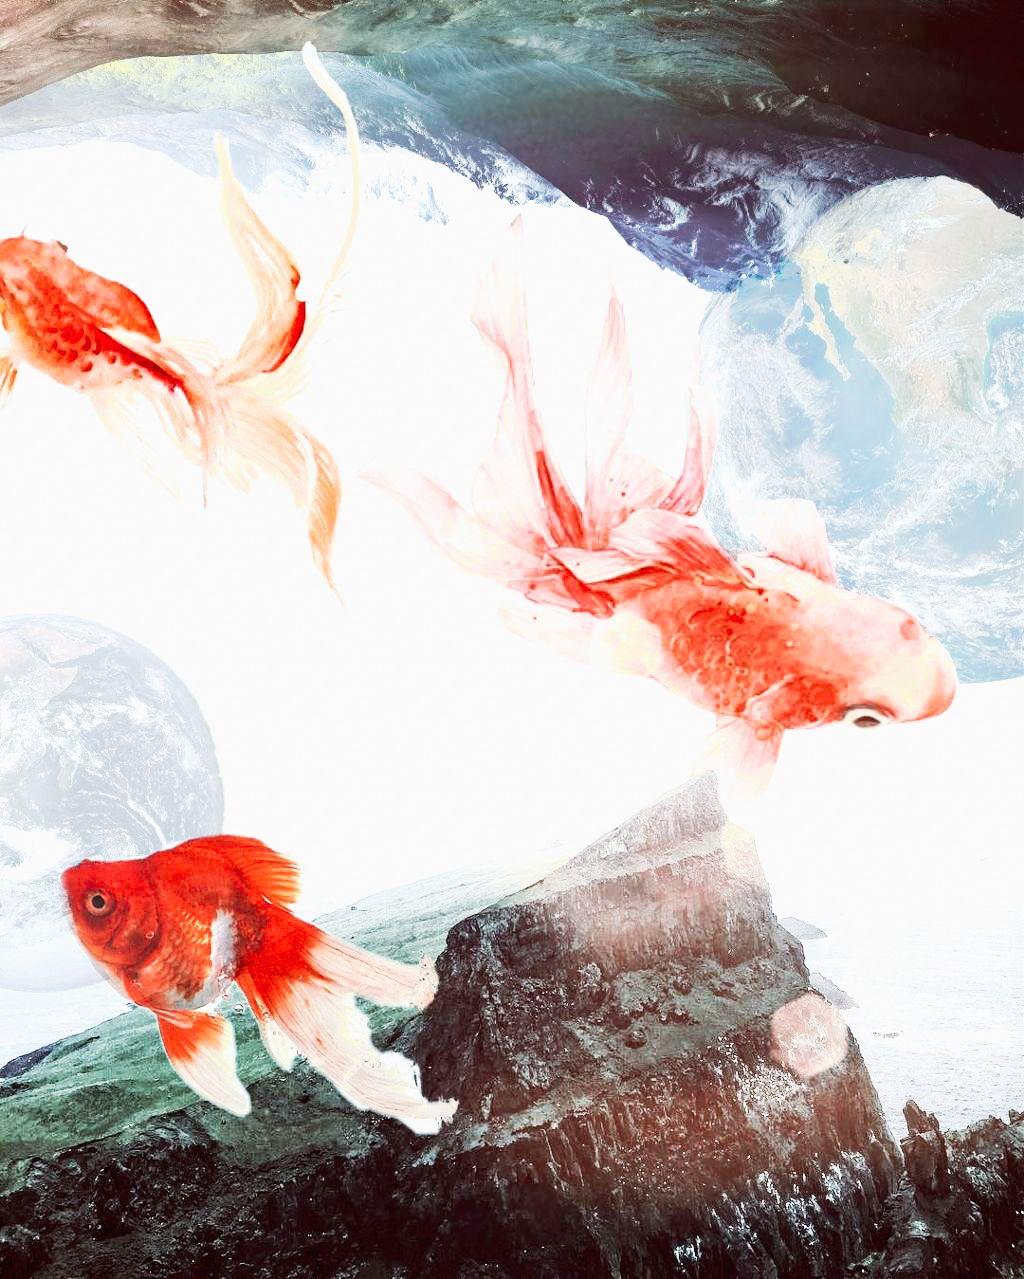 #fish #sea # #freetoedit #fte #remix #remixit #mountain